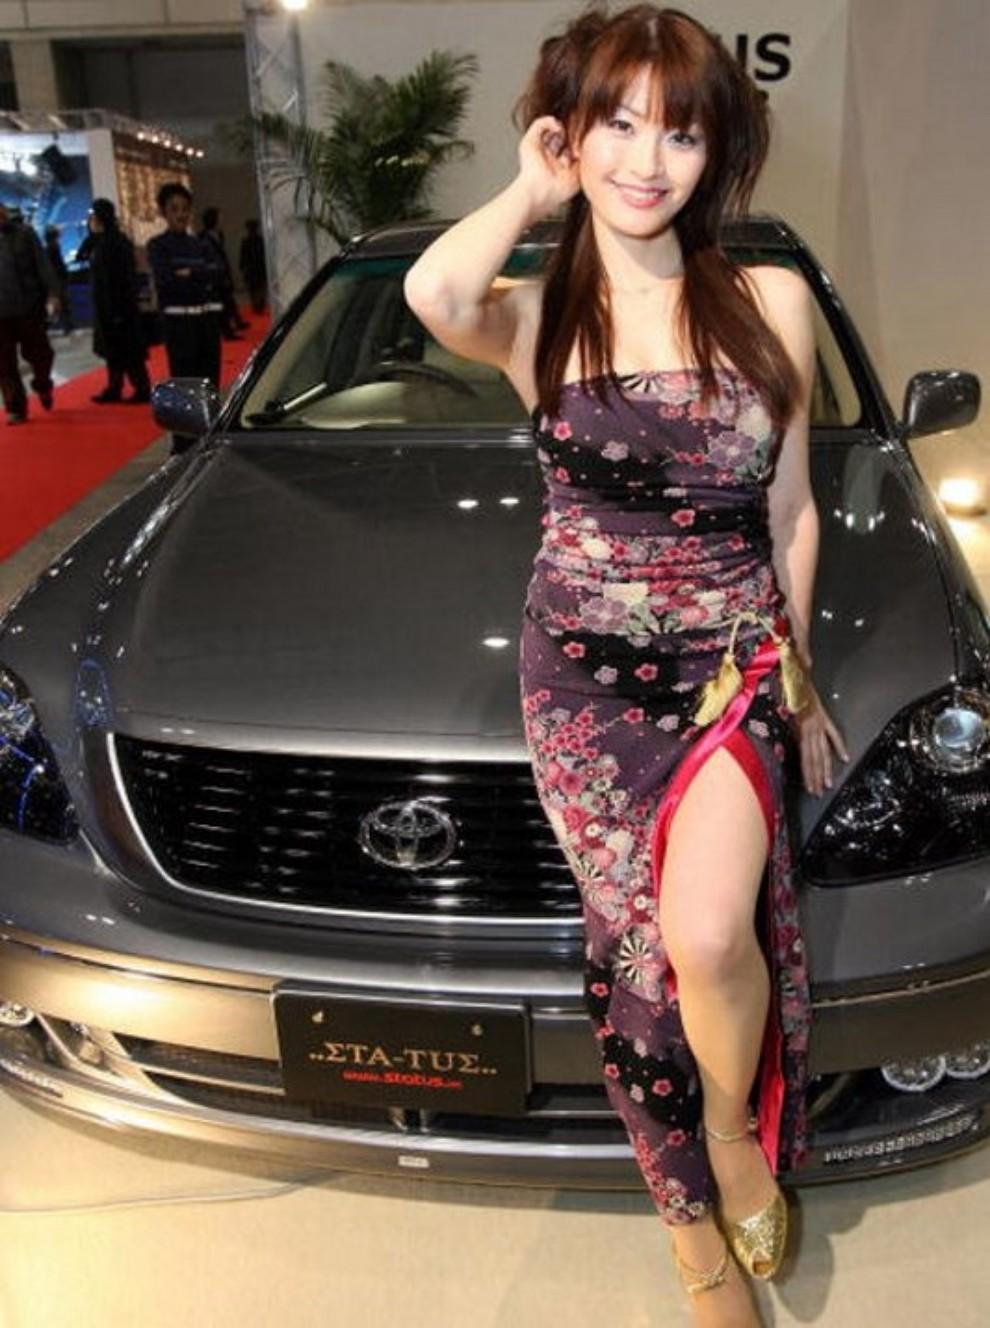 Tutte le più belle ragazze del Tokyo Motor Show 2015 - Foto 12 di 27